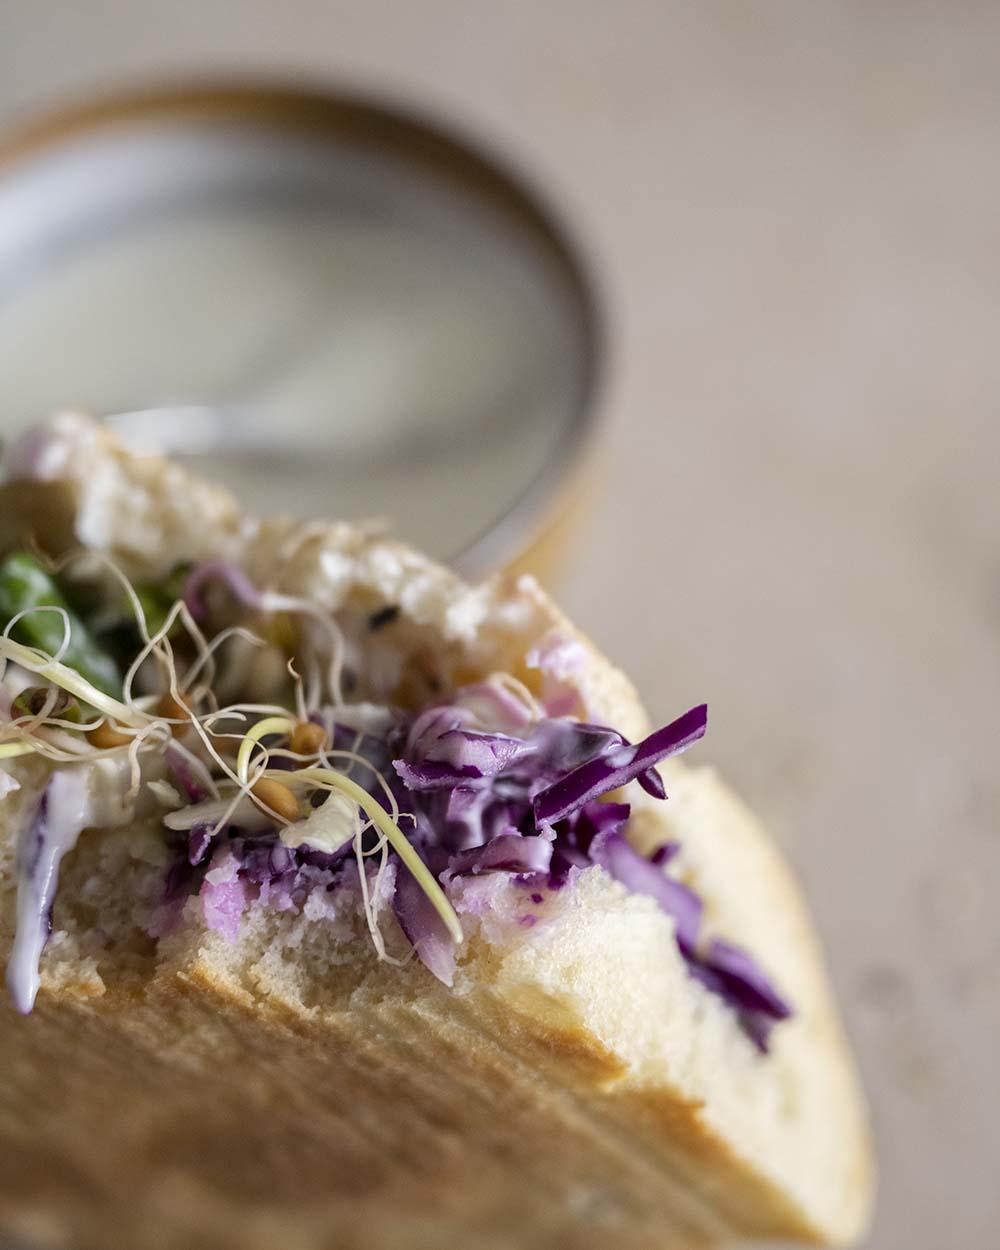 Nahaufnahme unseres vegetarischen Döners. Im Hintergrund ist die Schale mit dem selbst gemachten Joghurt-Dressing zu sehen.